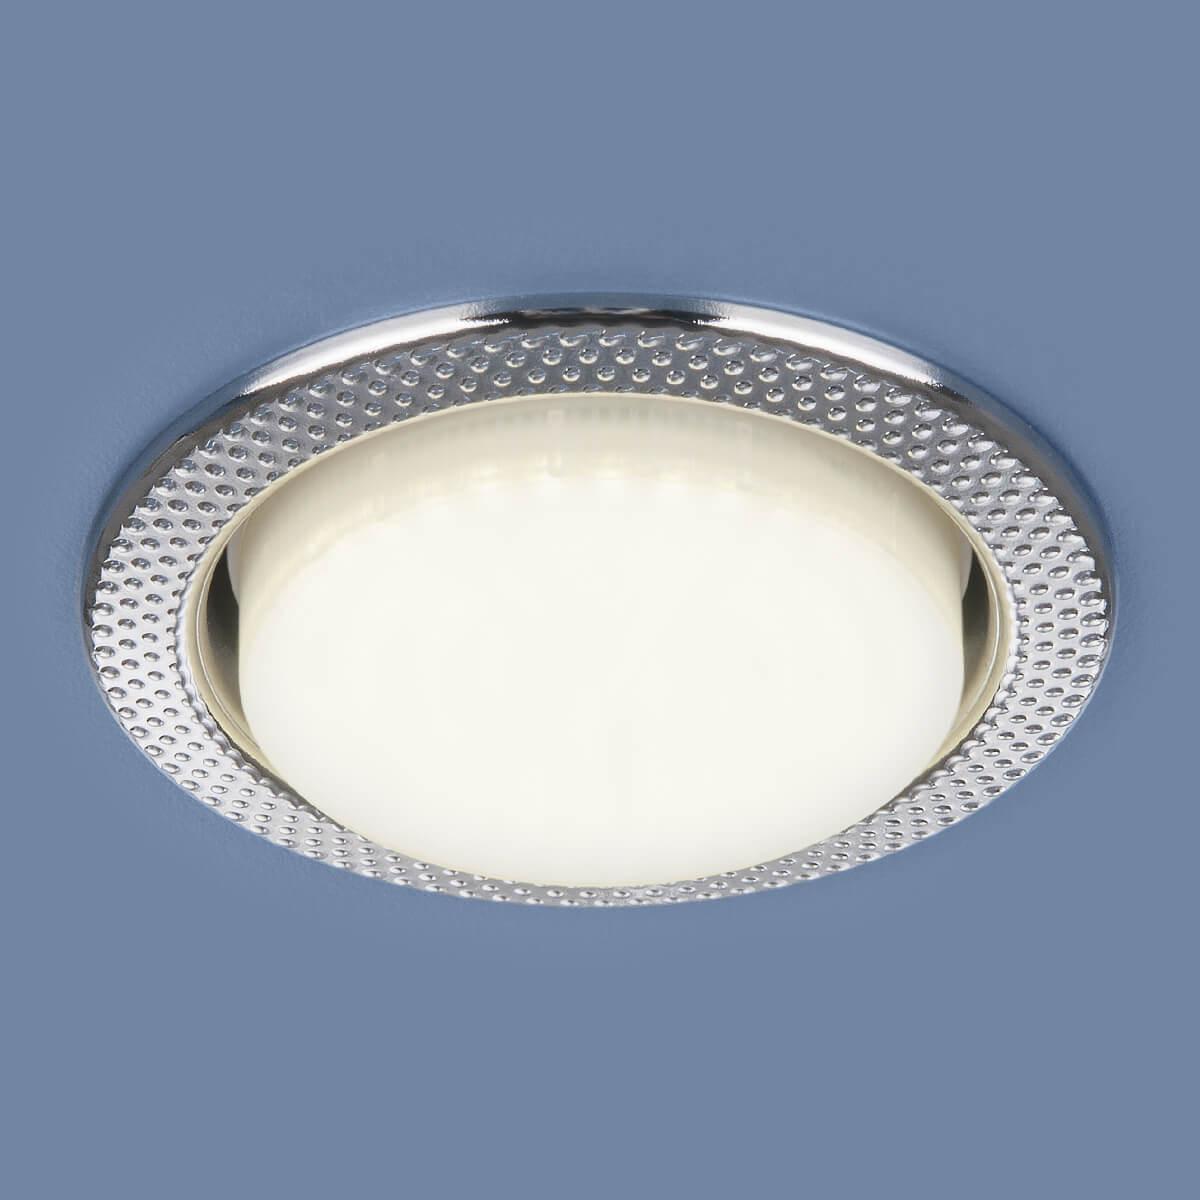 Встраиваемый светильник Elektrostandard 1066 GX53 CH хром 4690389078682 цены